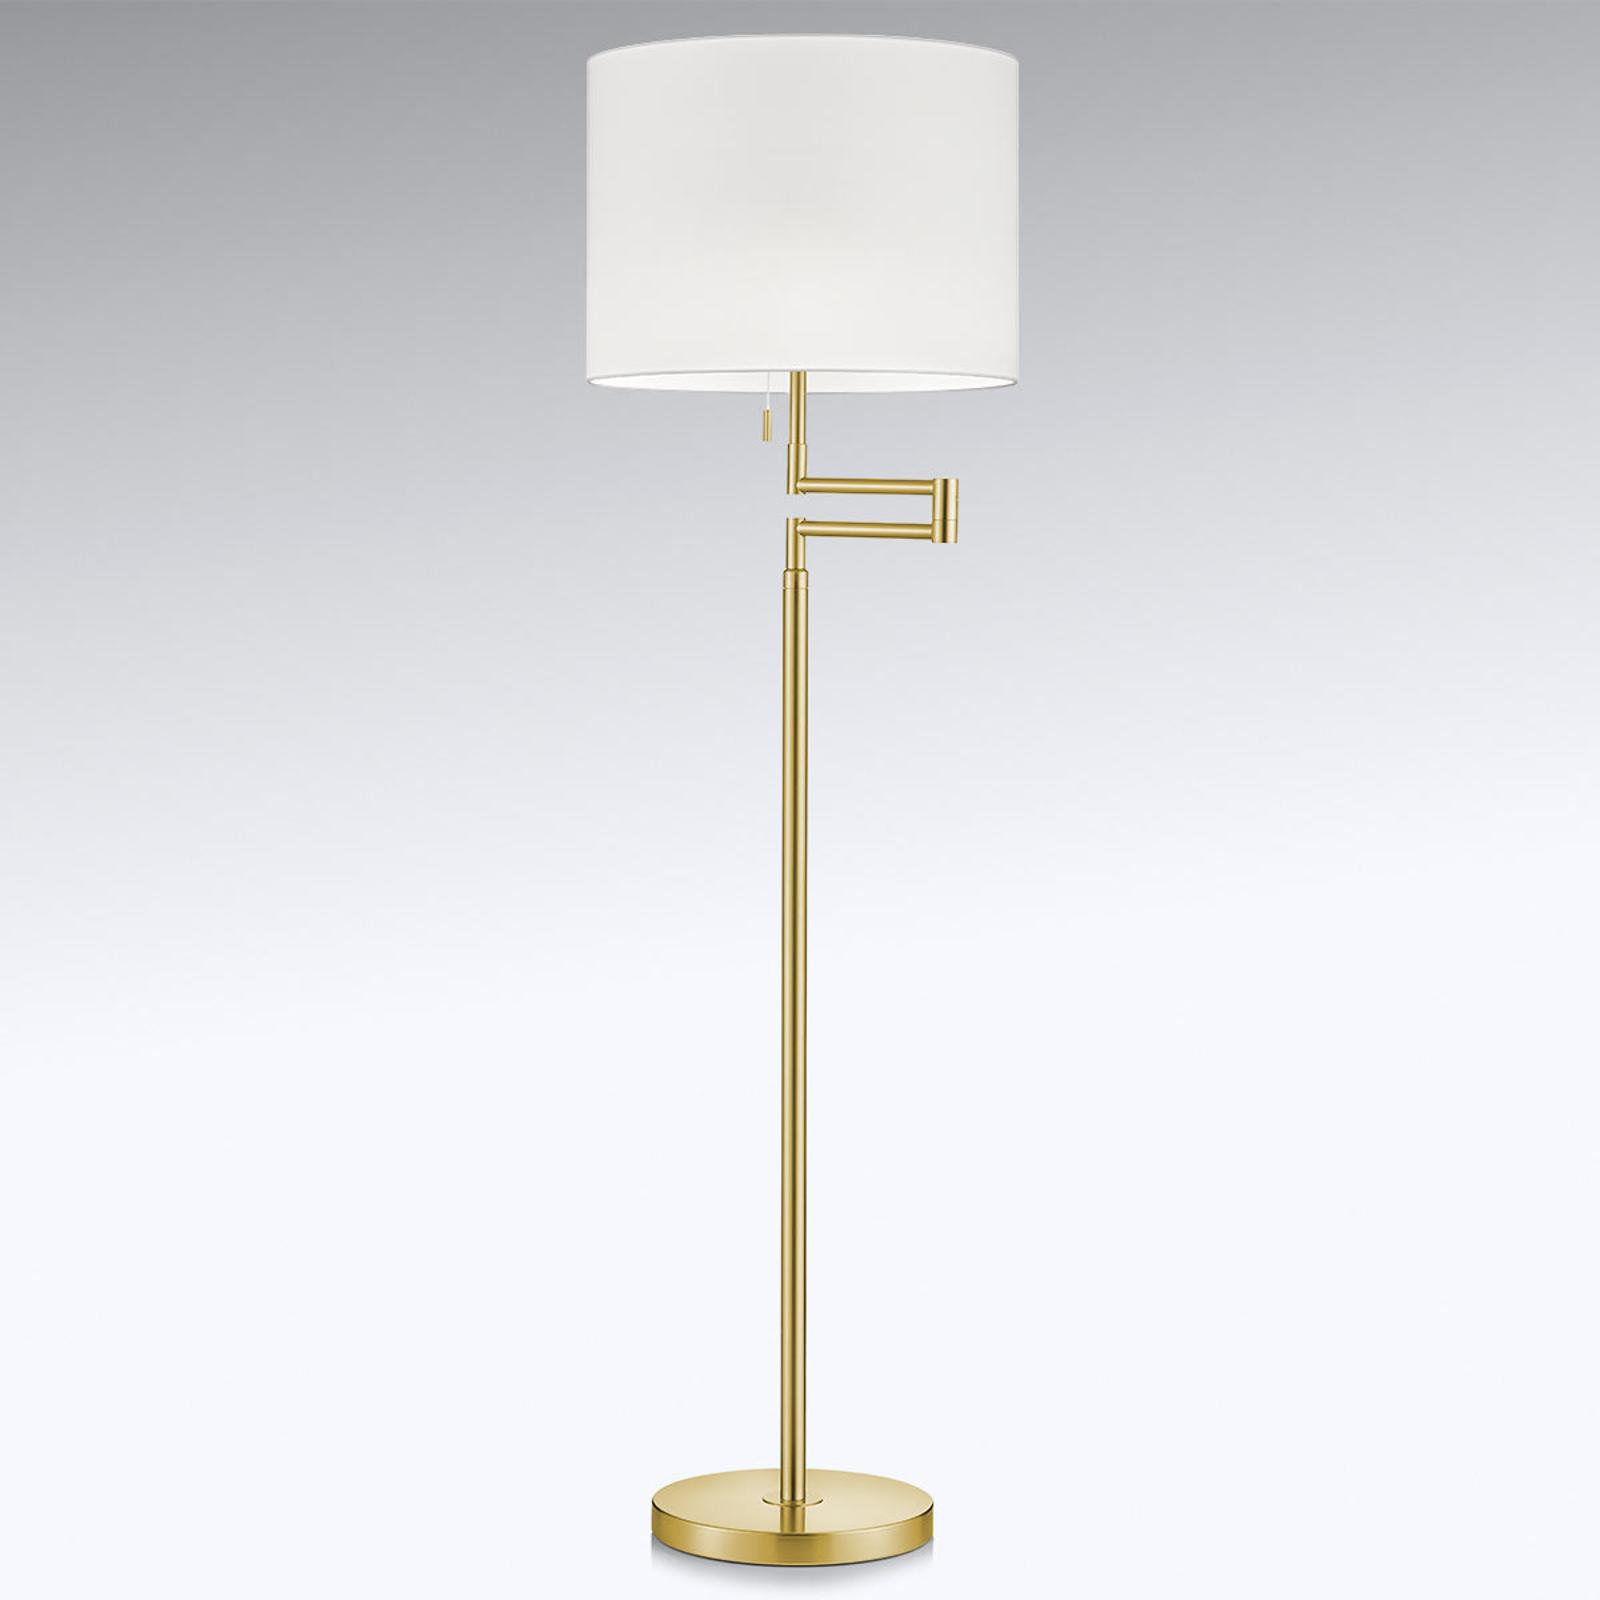 Lampa stojąca LED Lilian, regulowana